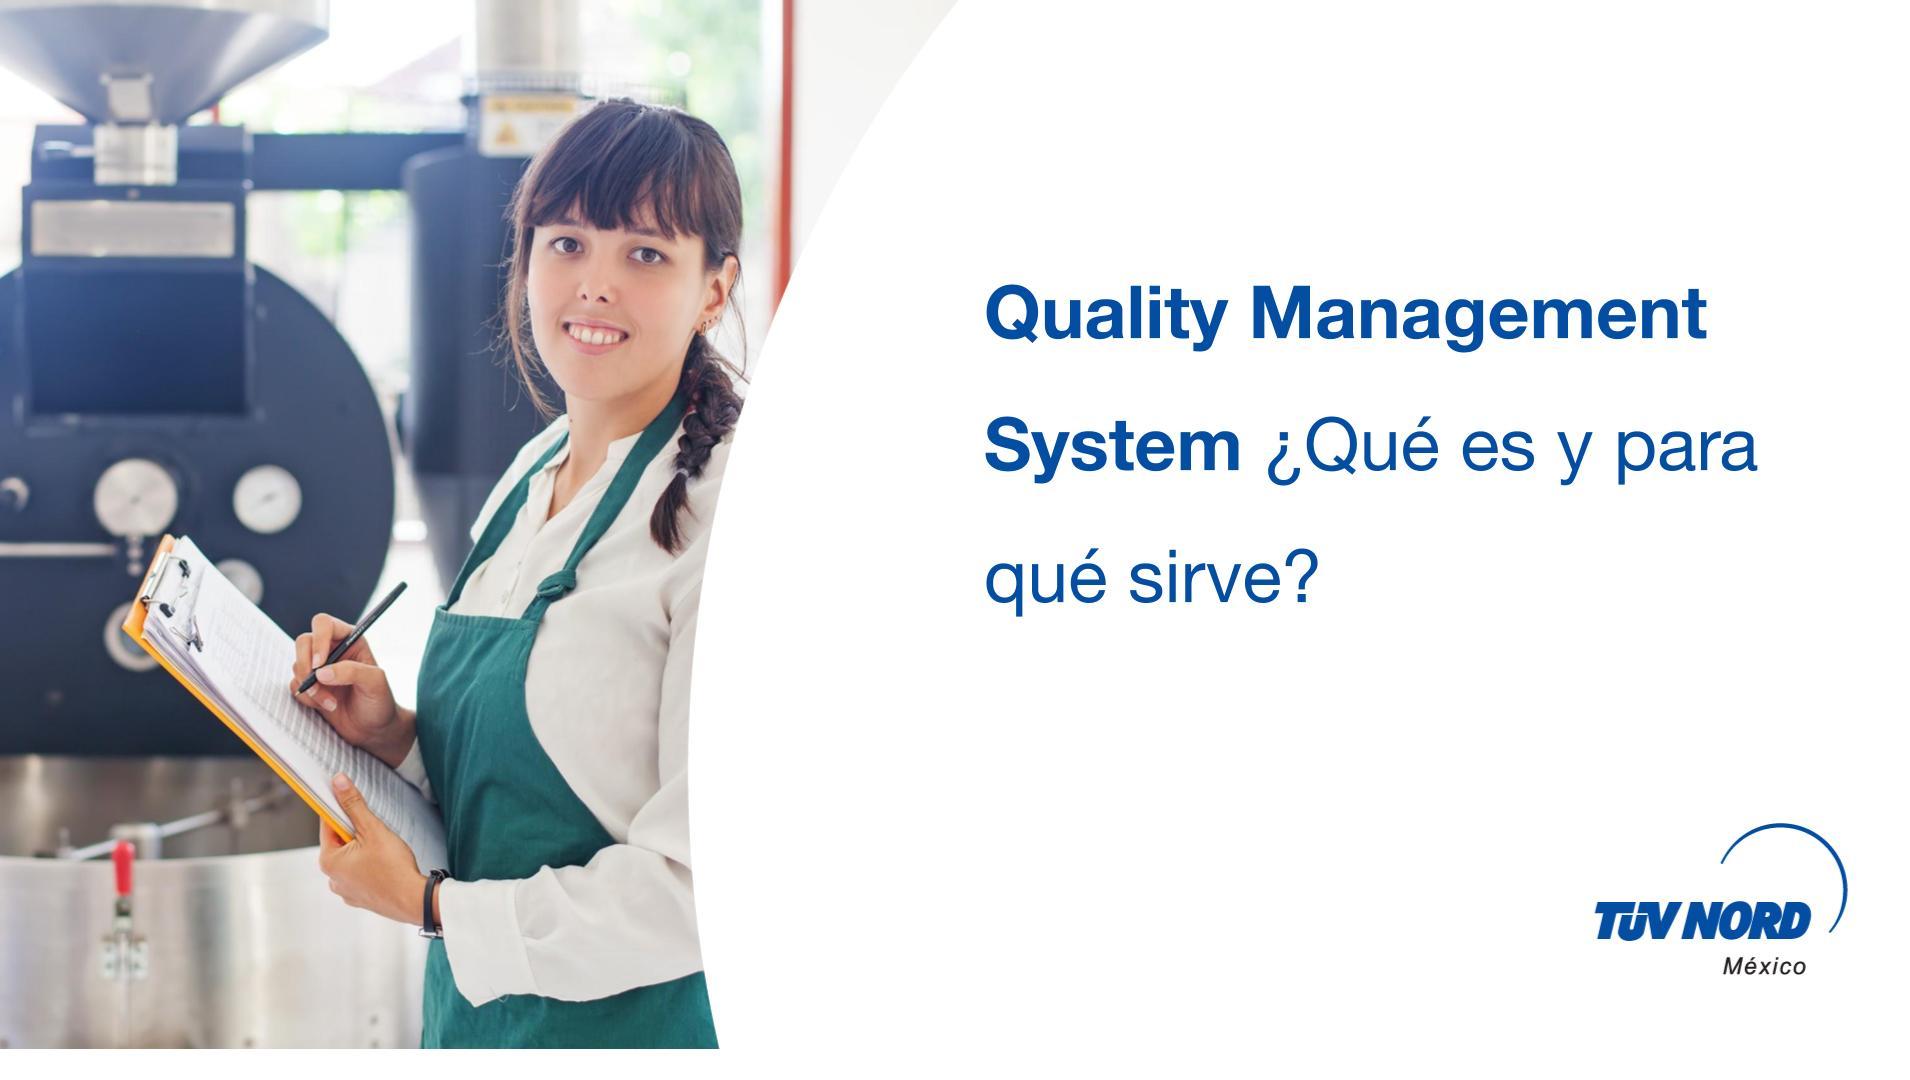 Quality Management System ¿Qué es y para qué sirve?